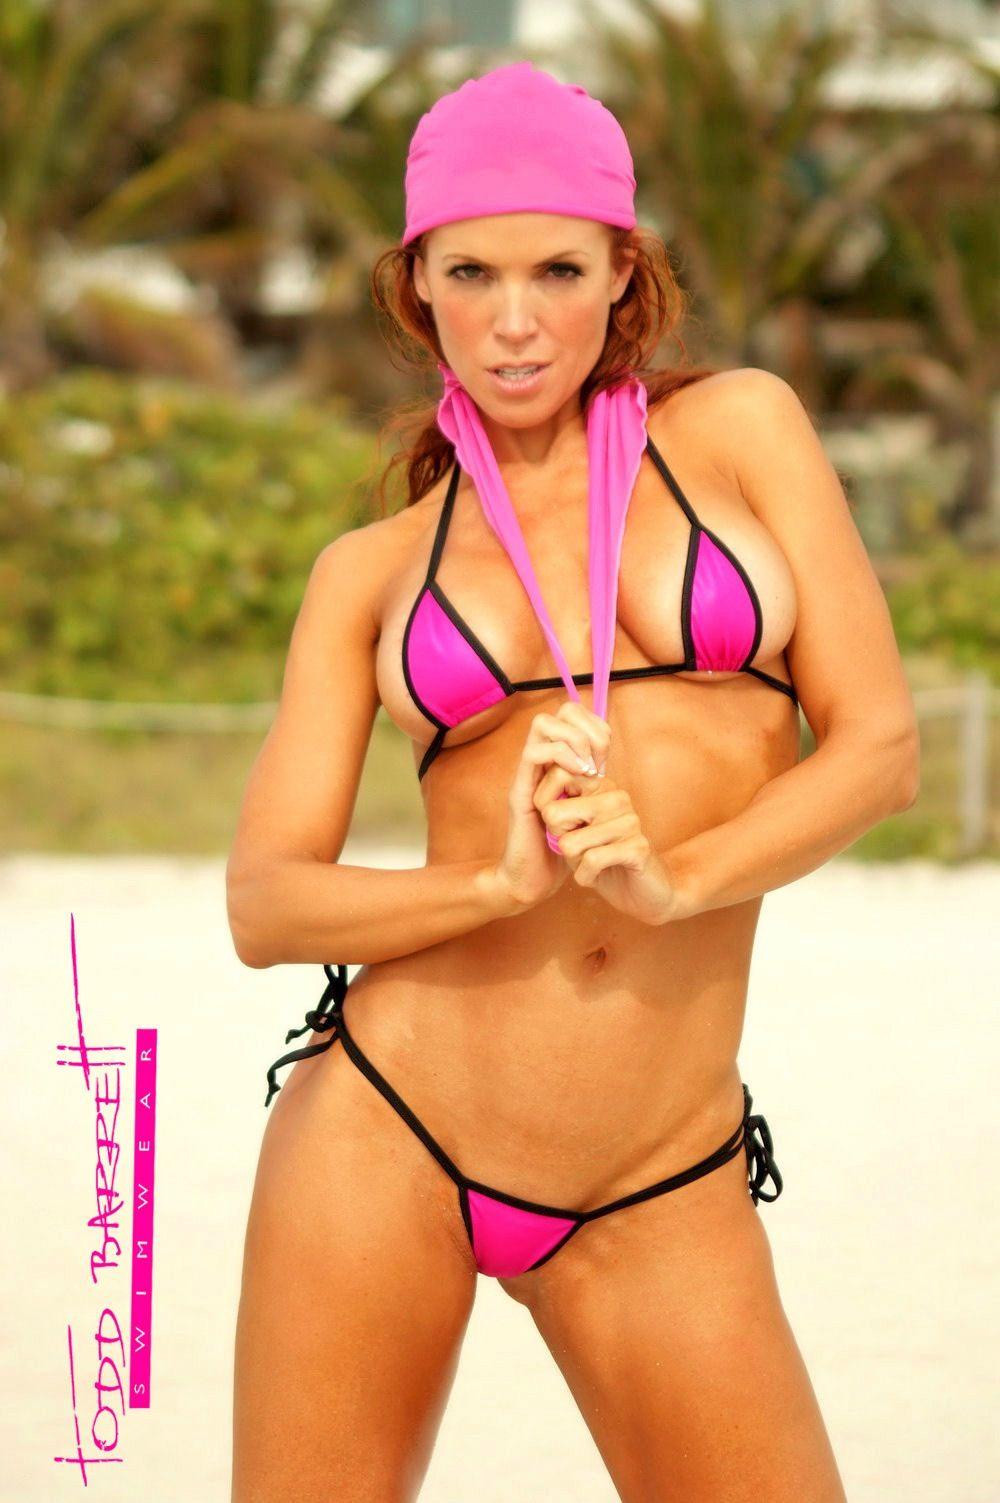 3f4da6570c4 Micro Bikini - Micro G - 2 Piece Bikini - Todd Barrett Swimwear - 2014  Collection - New - Microkini - toddbarrettswimwear.com - Miami Beach,  Florida - Karen ...